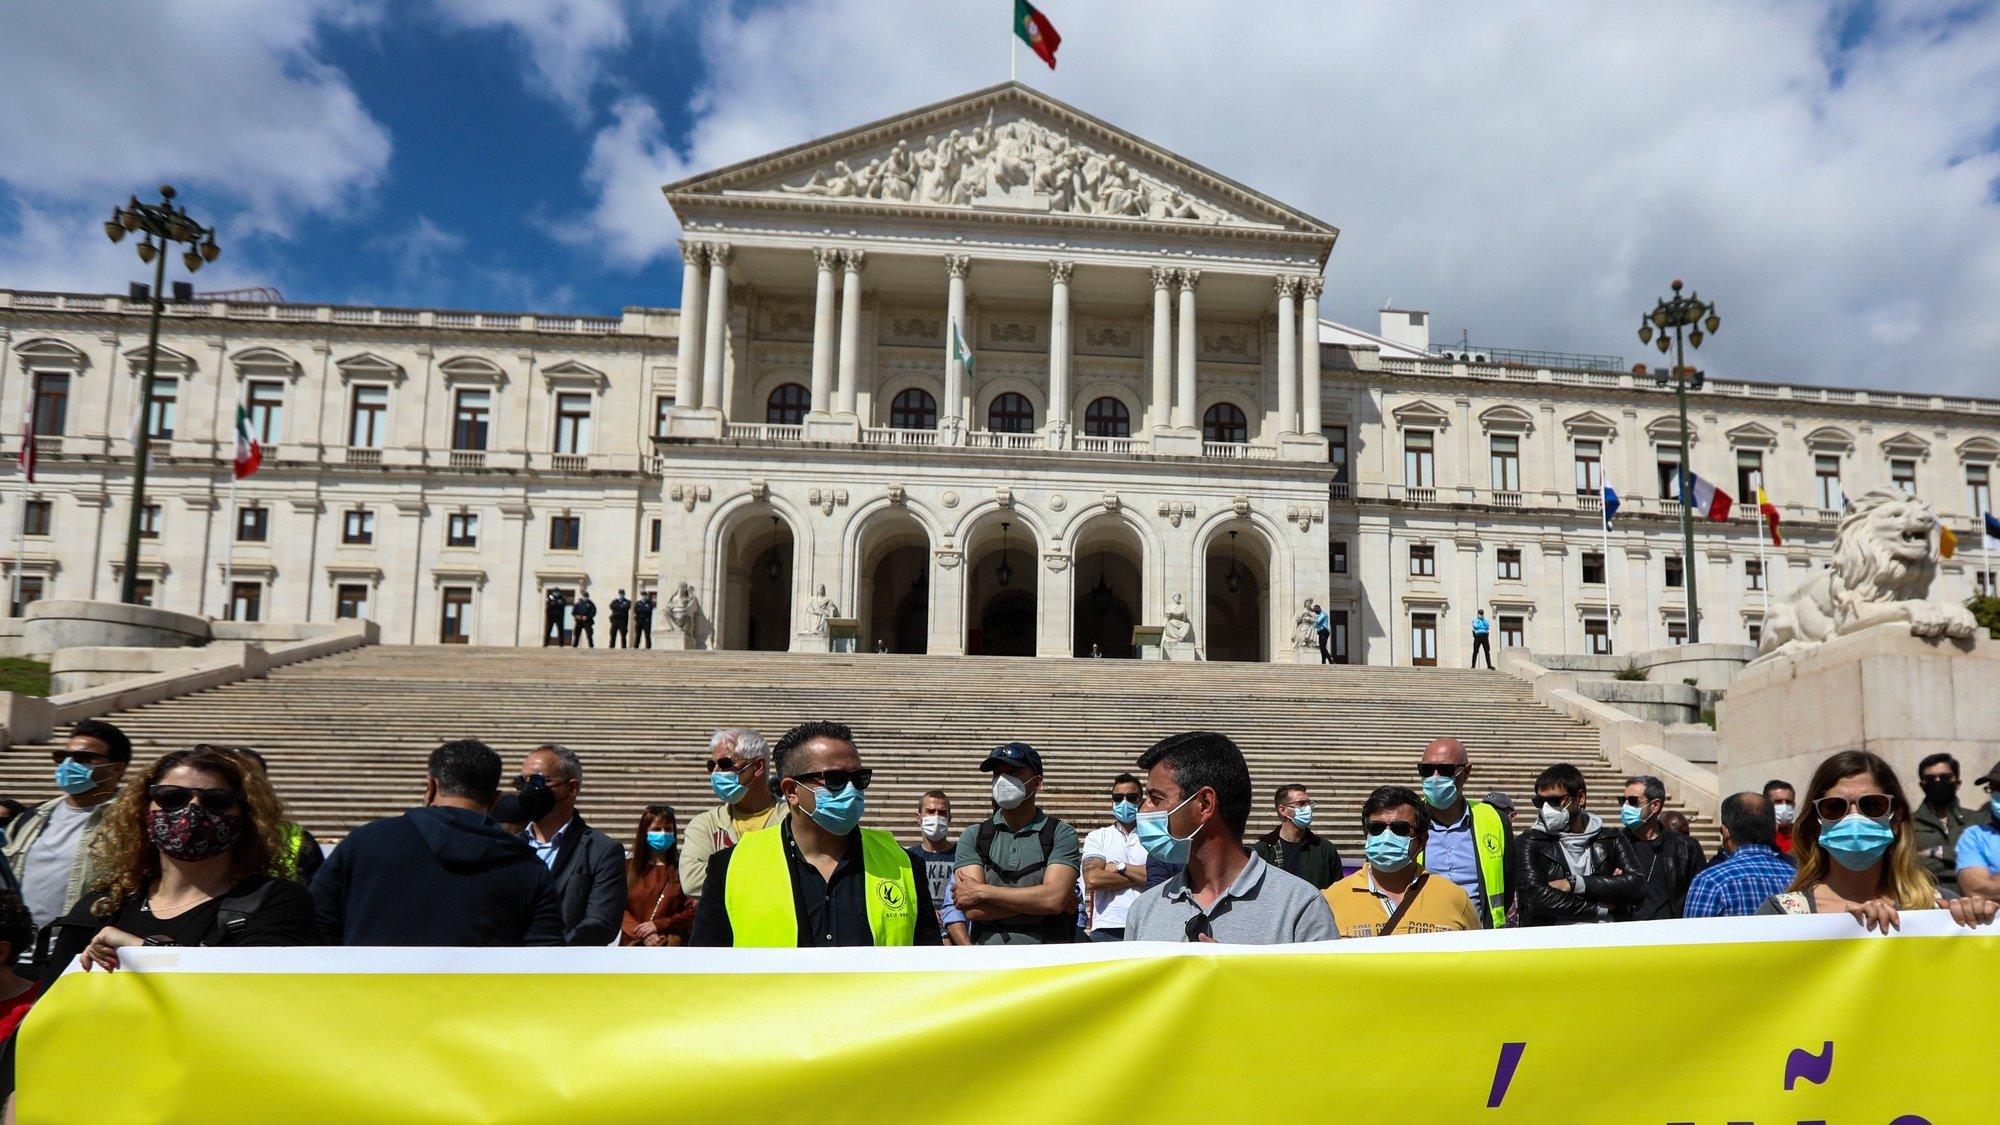 Inspetores do Serviço de Estrangeiros e Fronteiras (SEF) manifestam-se em frente da Assembleia da República, num protesto organizado pelo Sindicato da Carreira de Investigação e Fiscalização do Serviço de Estrangeiros e Fronteiras contra a intenção do Governo de extinguir o serviço, em Lisboa, 25 de março de 2021. ANTÓNIO COTRIM/LUSA